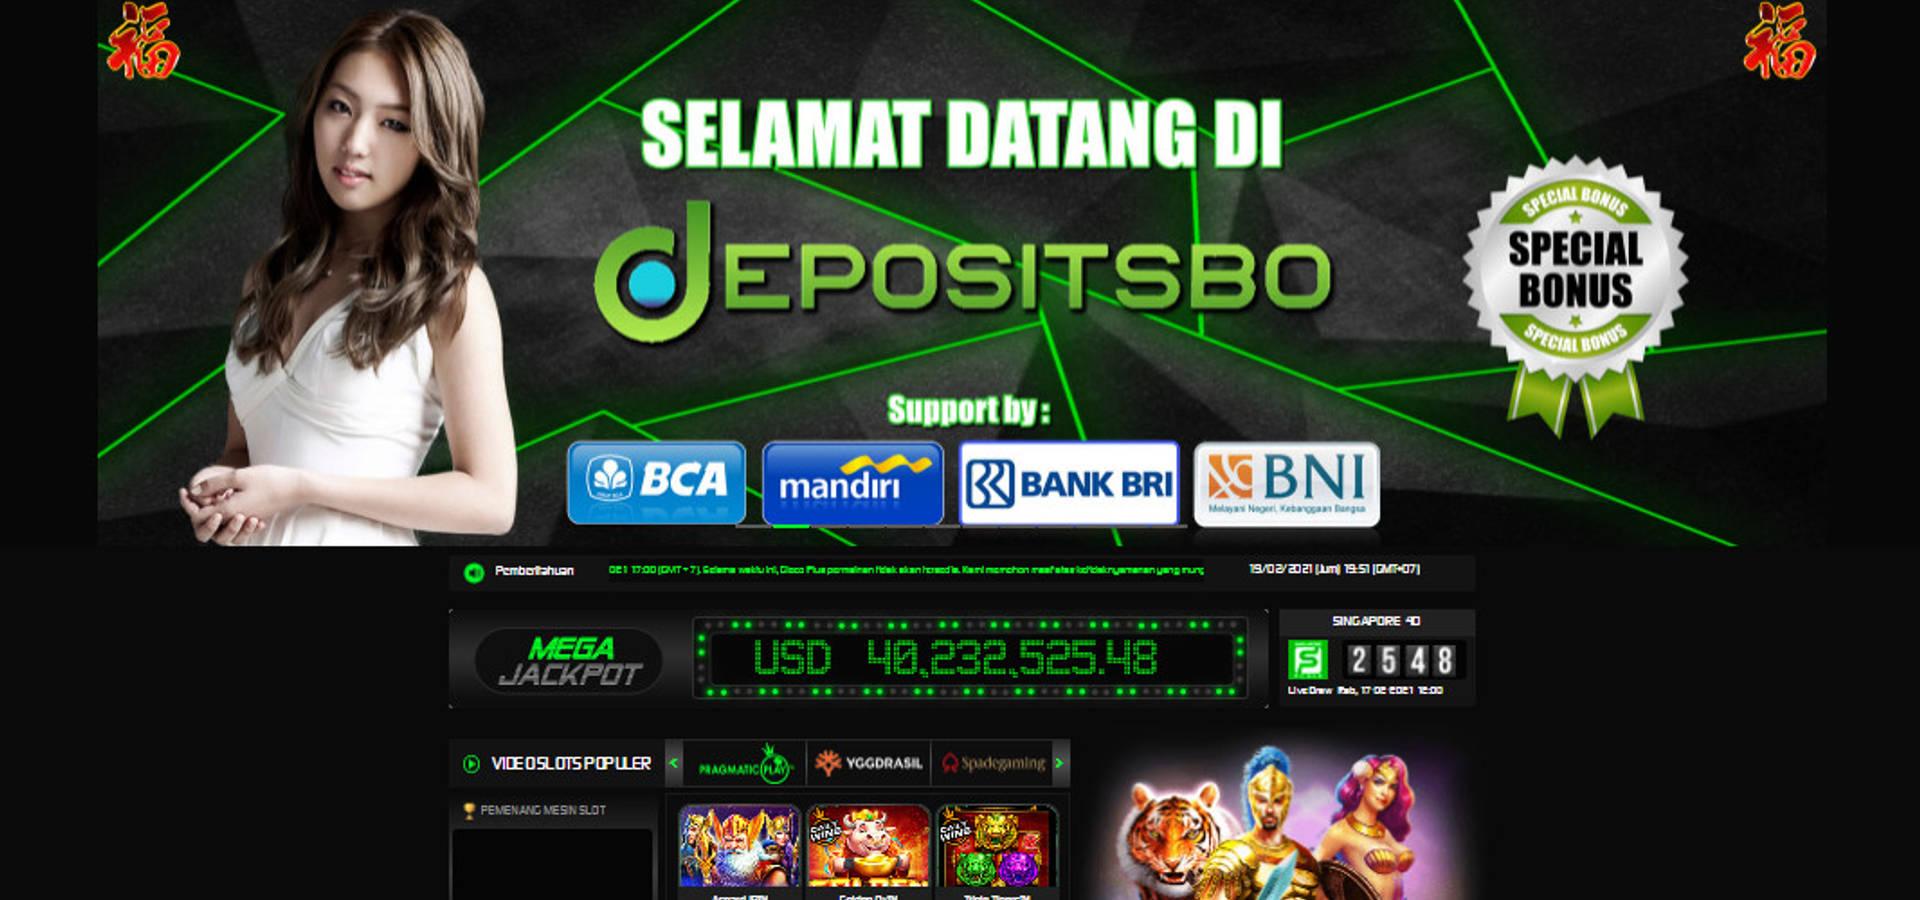 DEPOSITSBO PRAGMATIC SLOT ONLINE TERBAIK INDONESIA